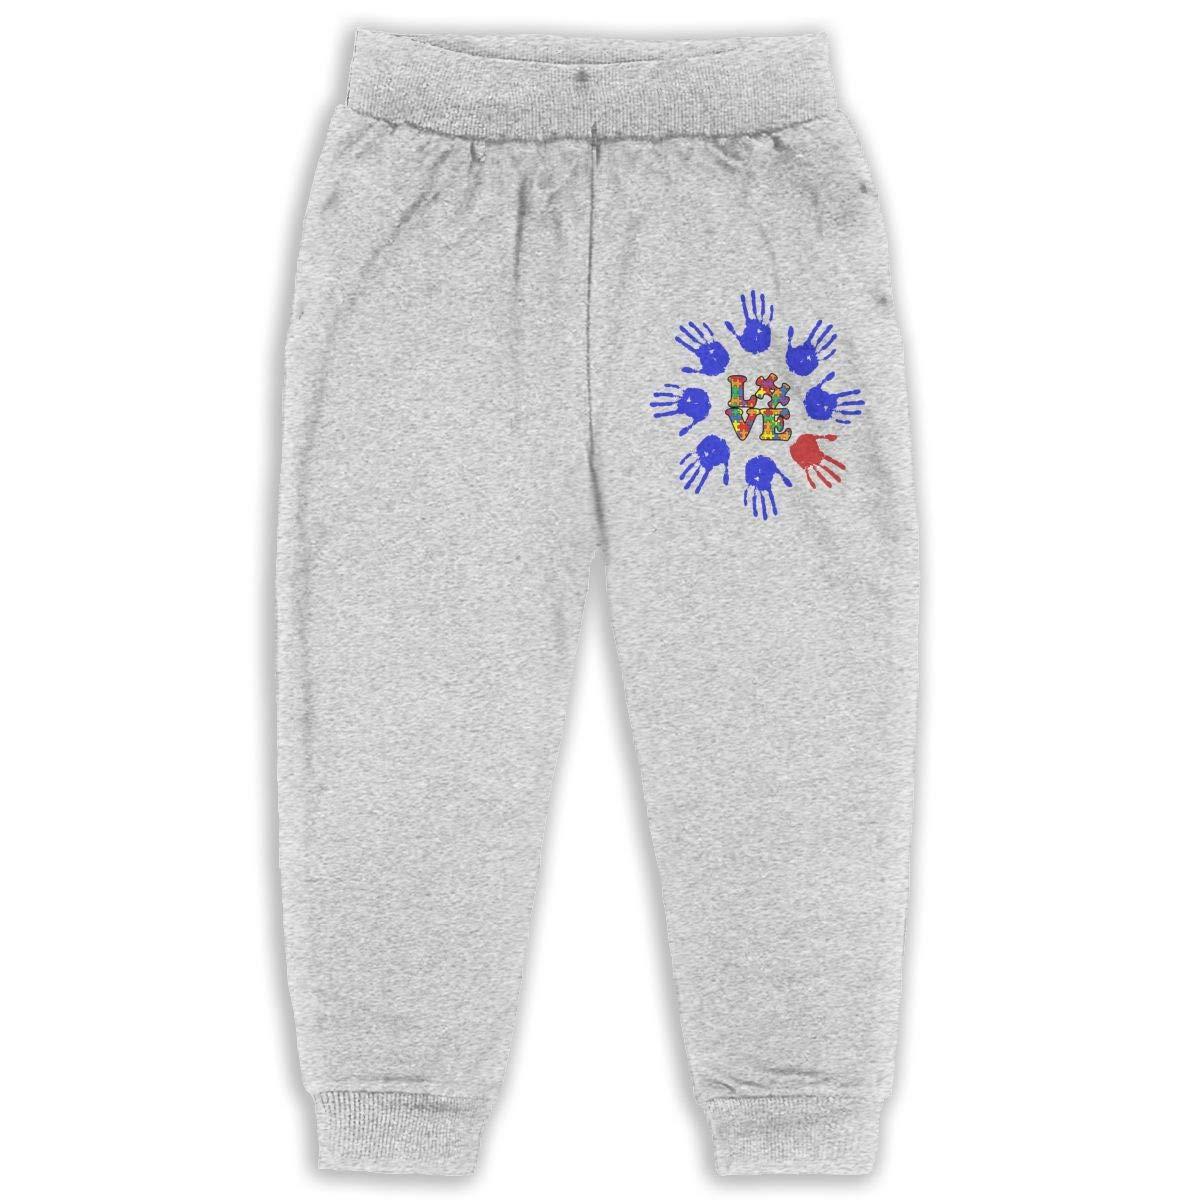 Soft Cozy Girls Boys Jersey Pant Love Autism Awareness Kids /& Toddler Pants